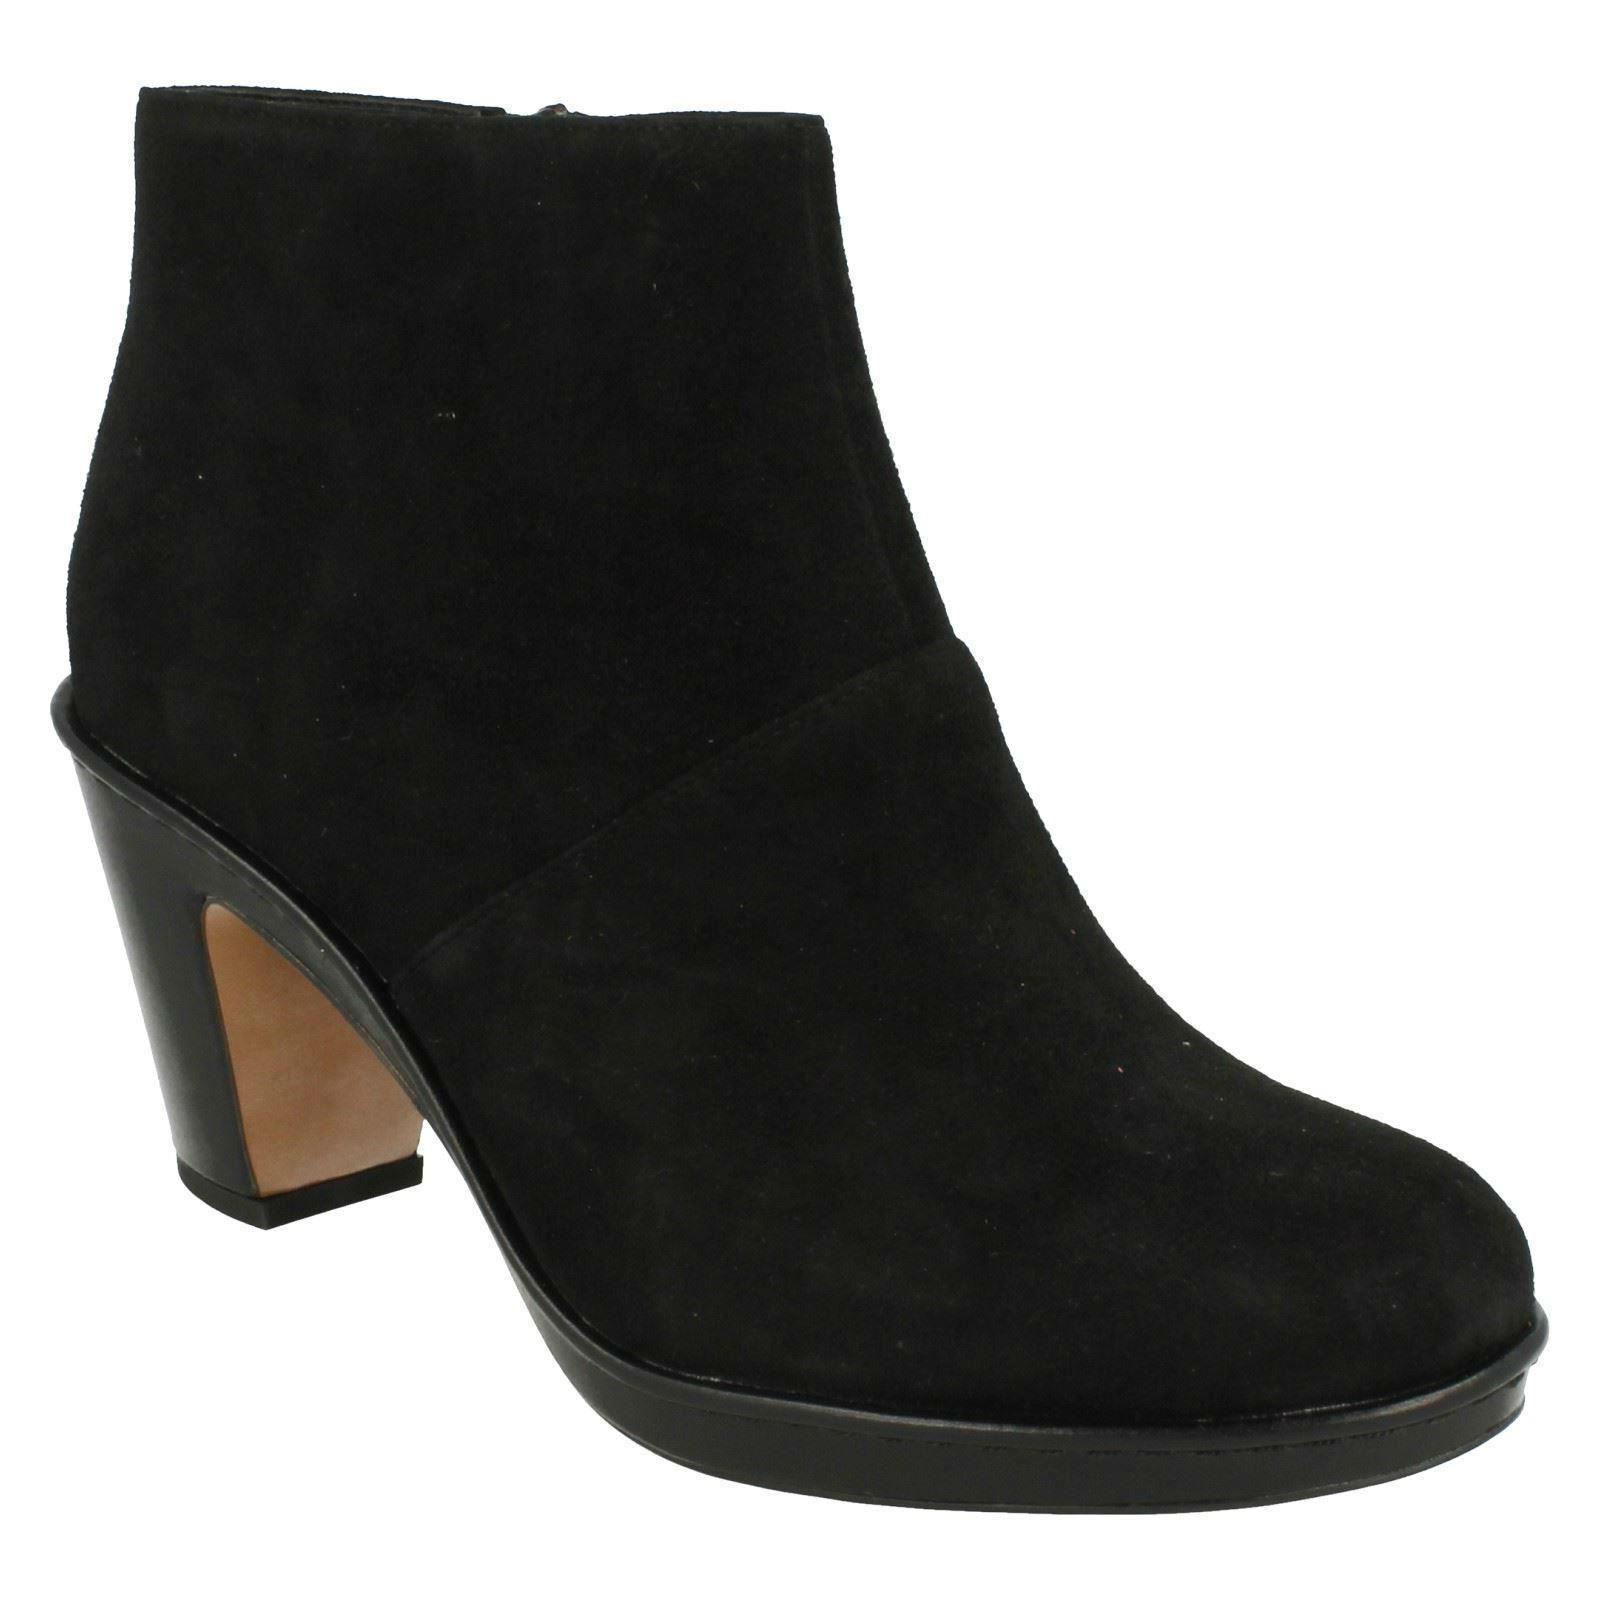 Zapatos especiales con descuento DULCIE SUE LADIES CLARKS SUEDE ZIP PLATFORM WORK EVENING SMART ANKLE BOOTS